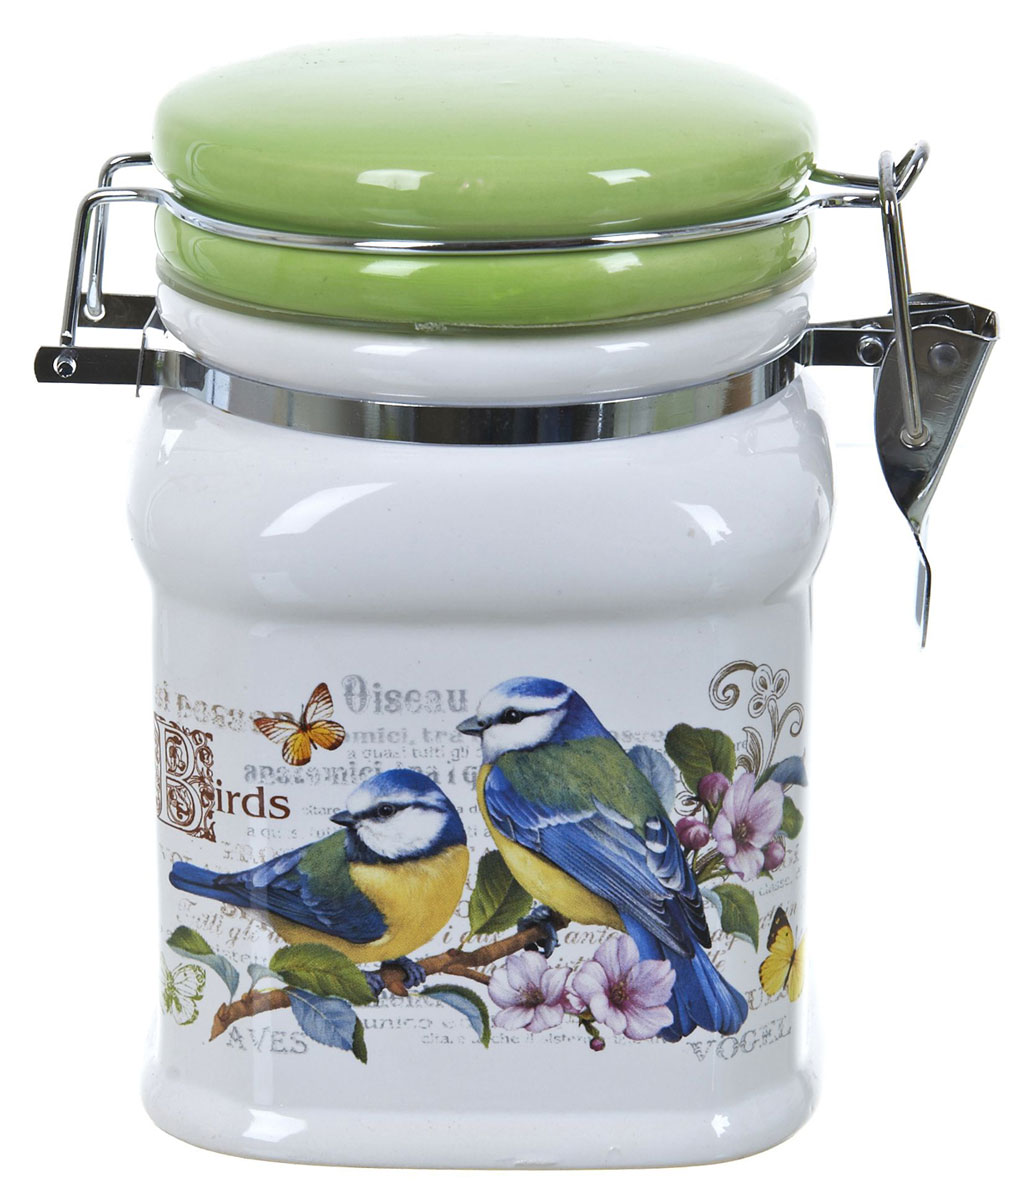 Банка для сыпучих продуктов Polystar Birds, 700 мл банка для сыпучих продуктов polystar прованс 850 мл